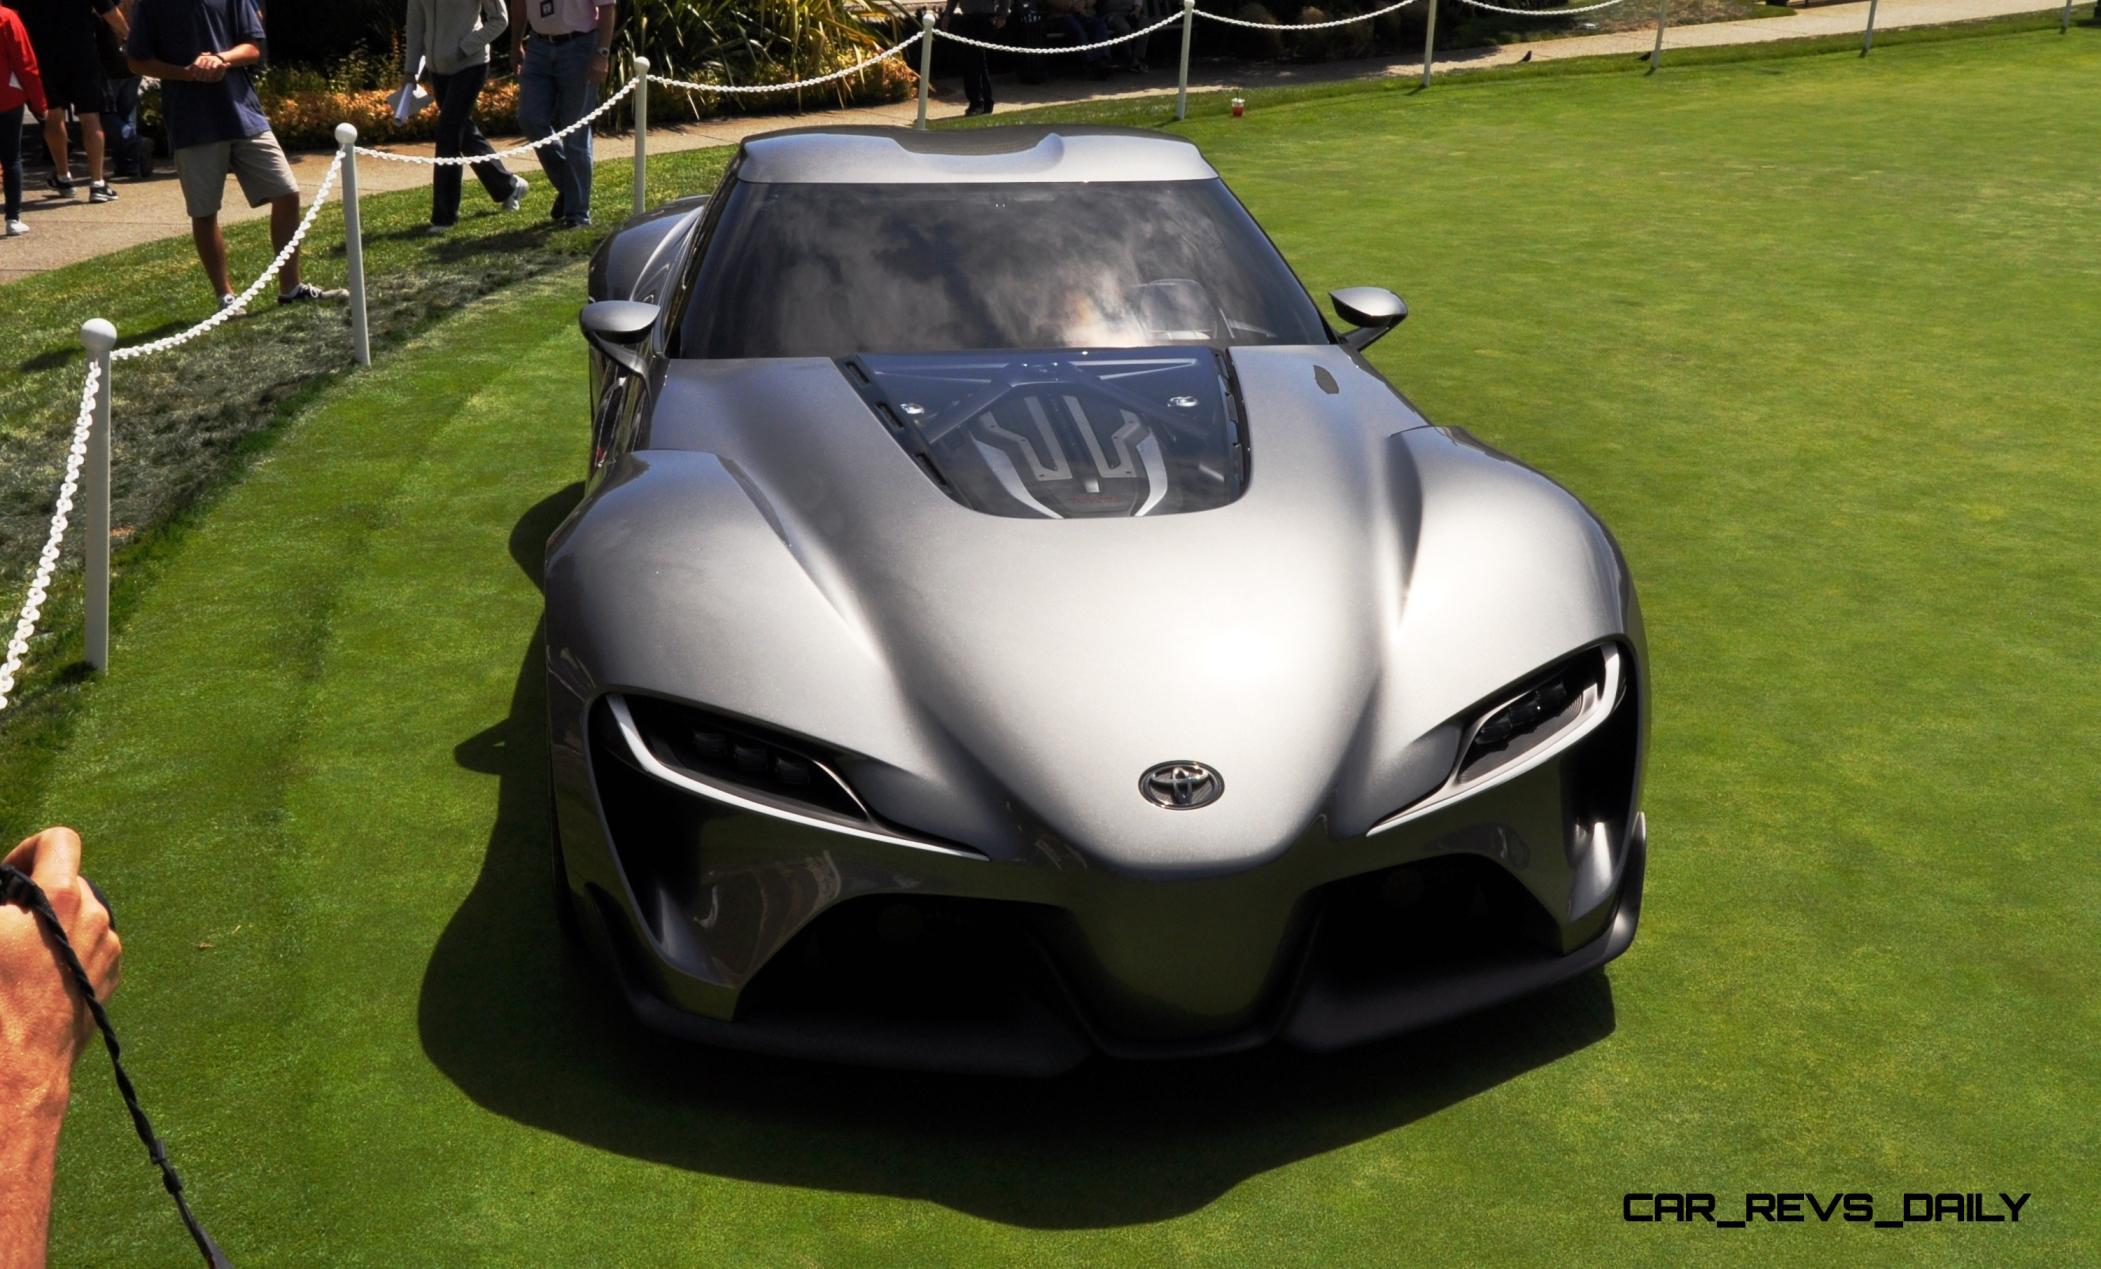 2015 Toyota Supra >> 2015 Lexus LF-LC GT Vision Gran Turismo